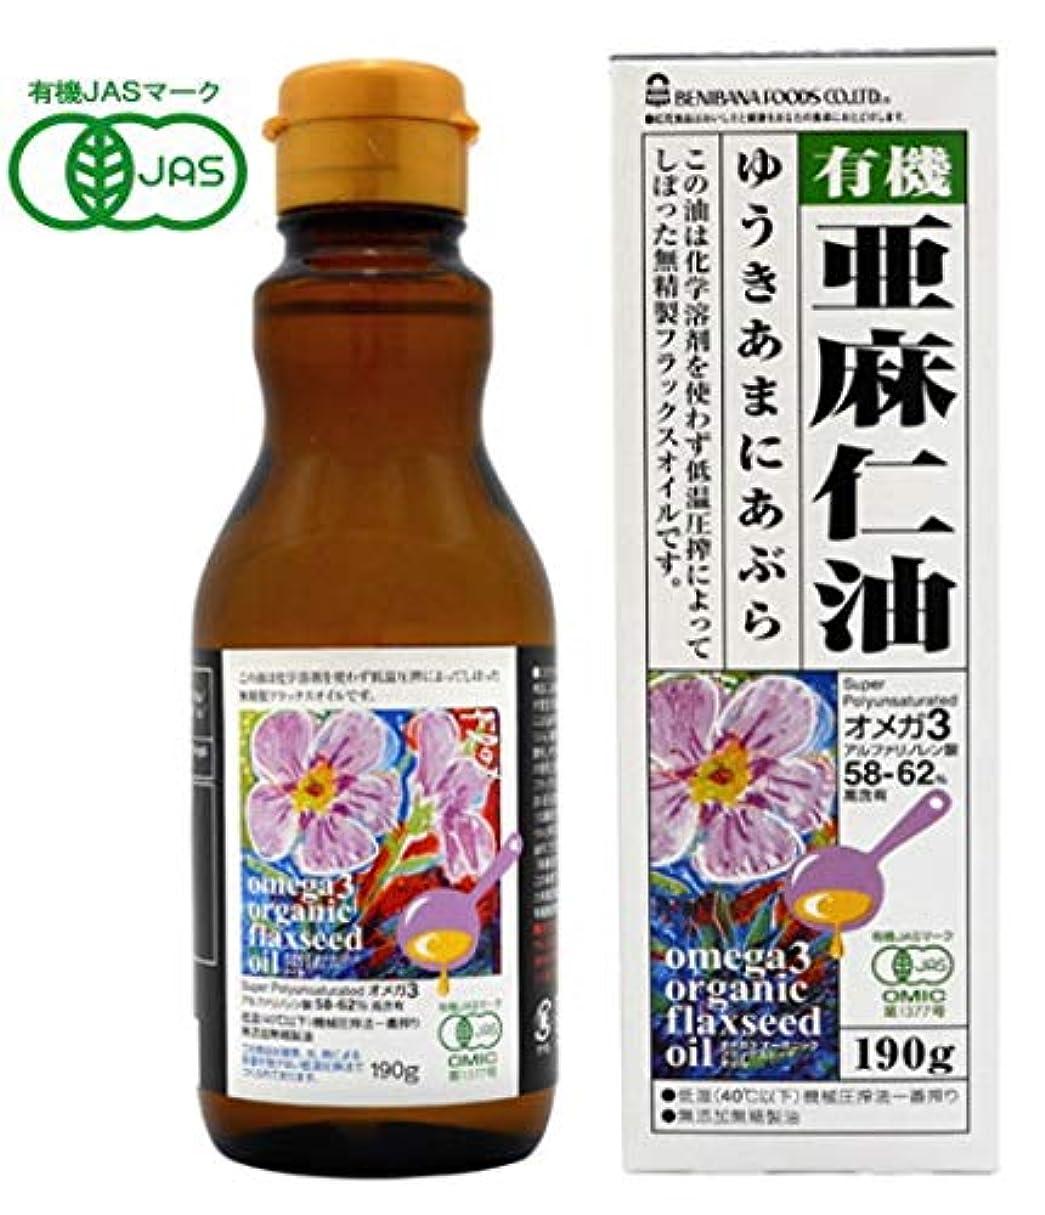 文庫本状況と組む紅花食品 オーガニックフラックスシードオイル(有機亜麻仁油) 190g×8本セット